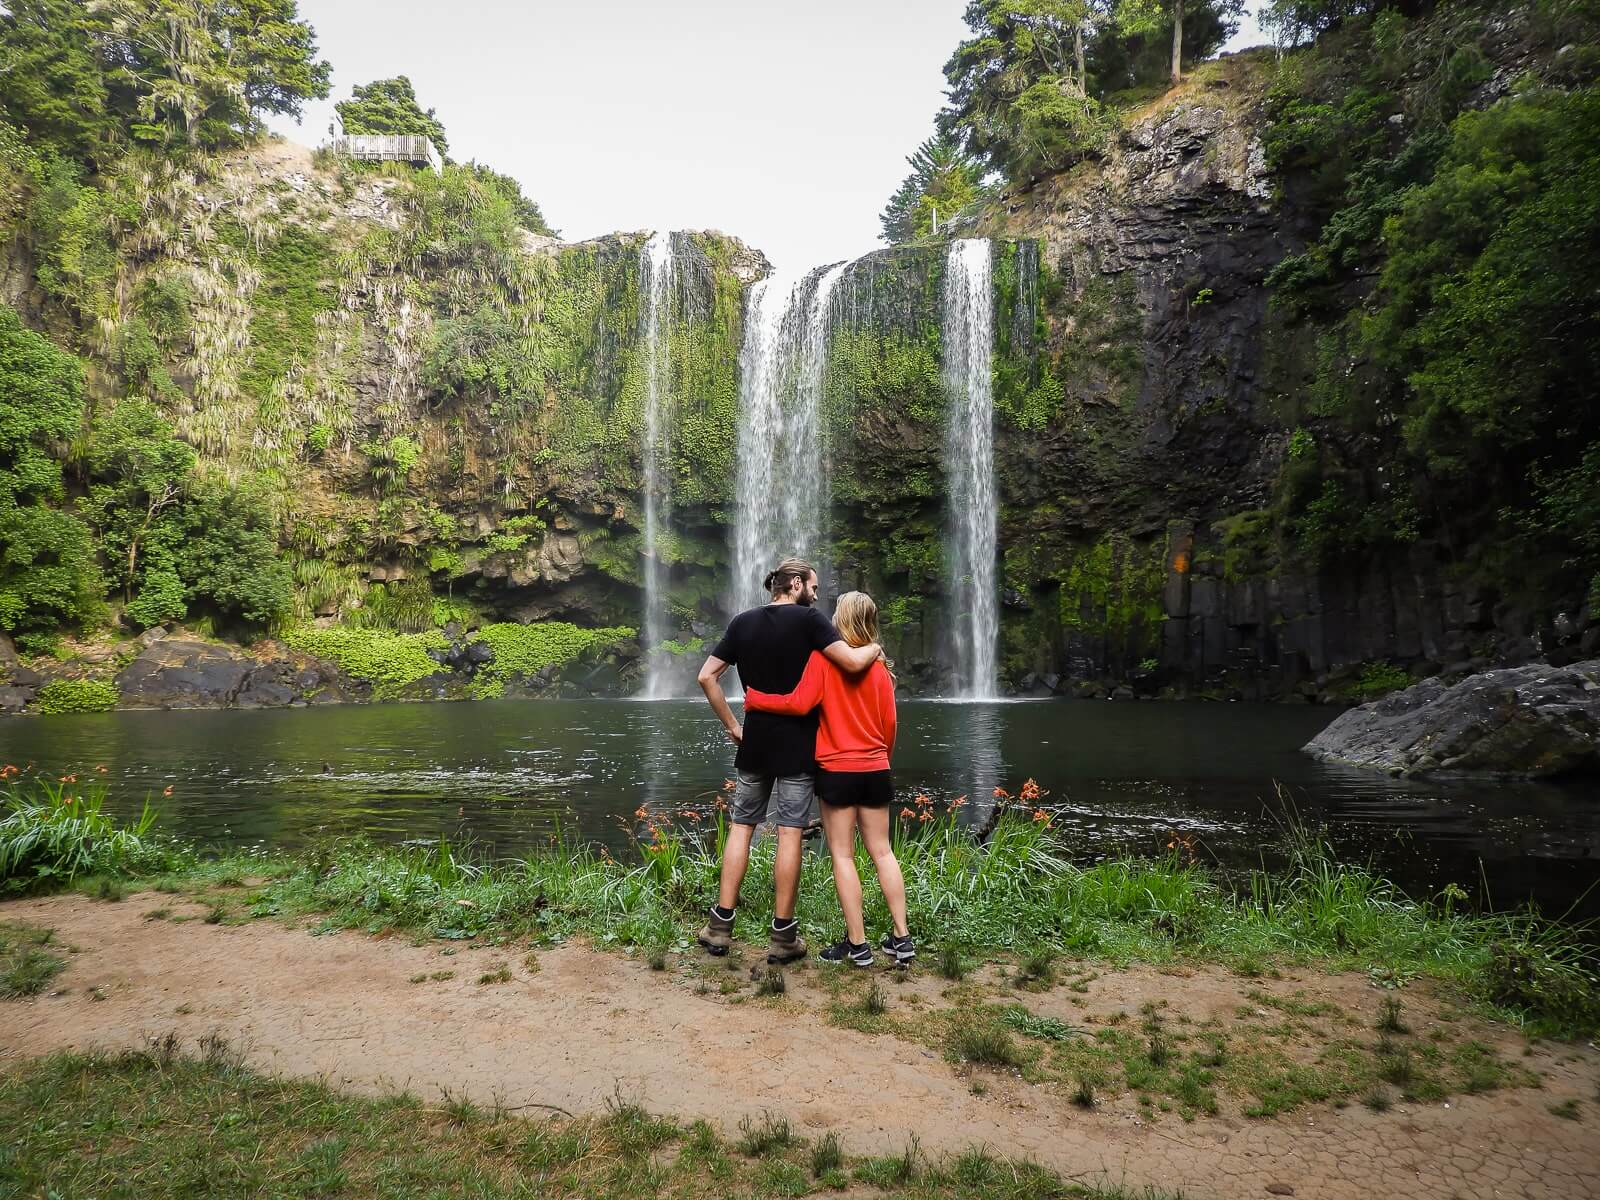 Whangarei Falls - Te bereiken middels een korte wandeling